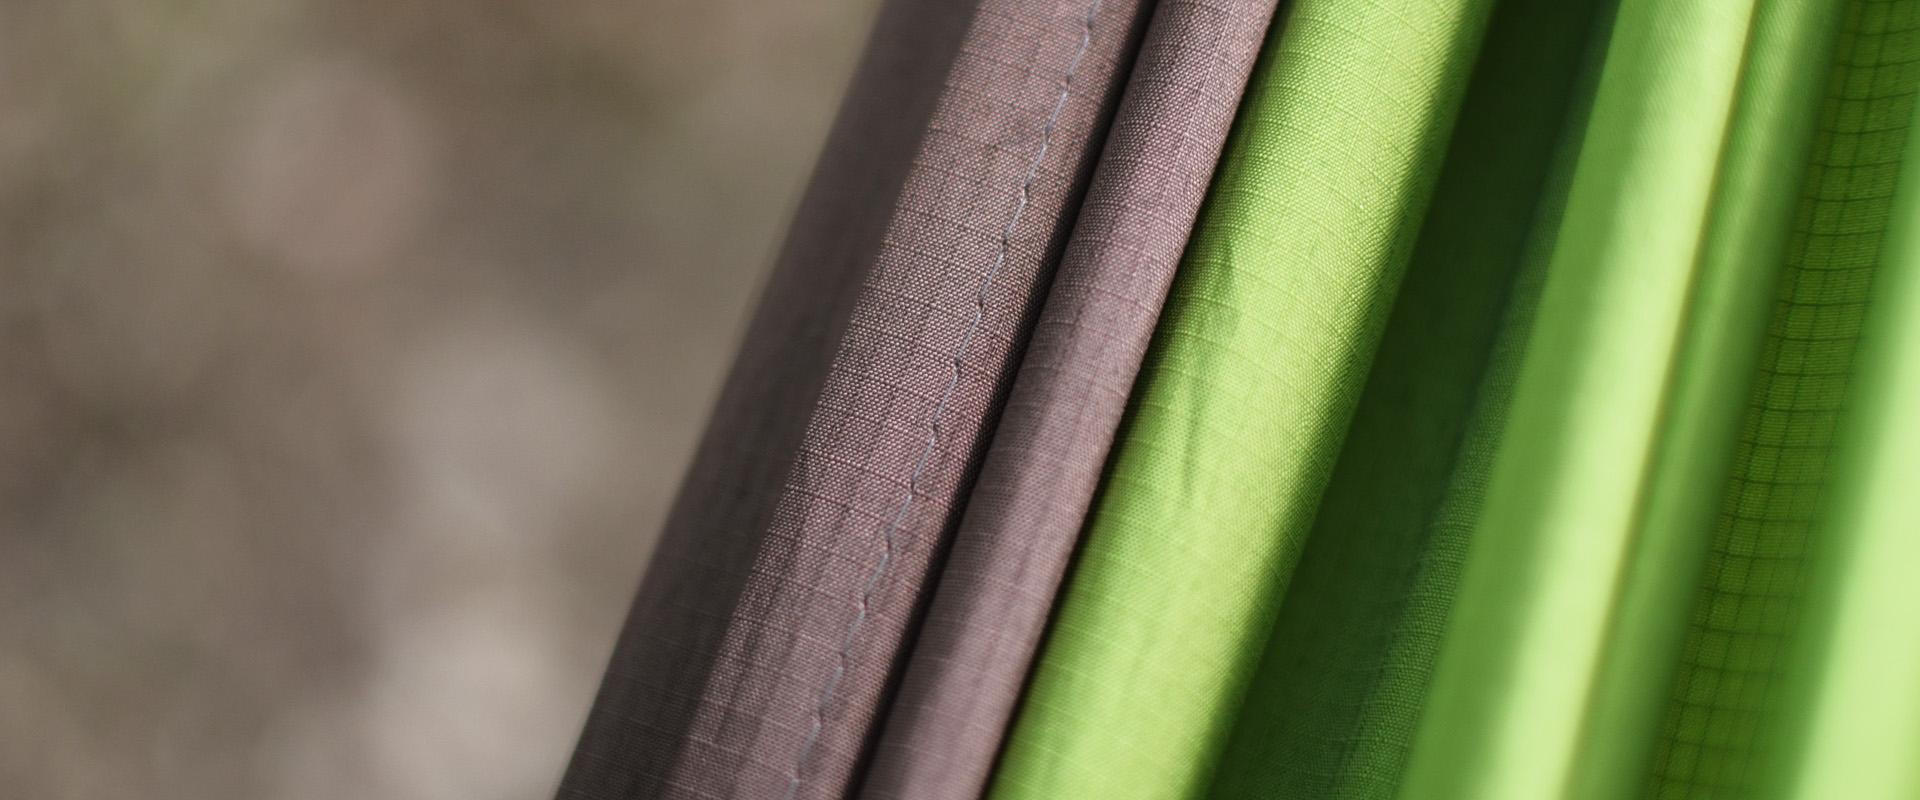 Material hamac